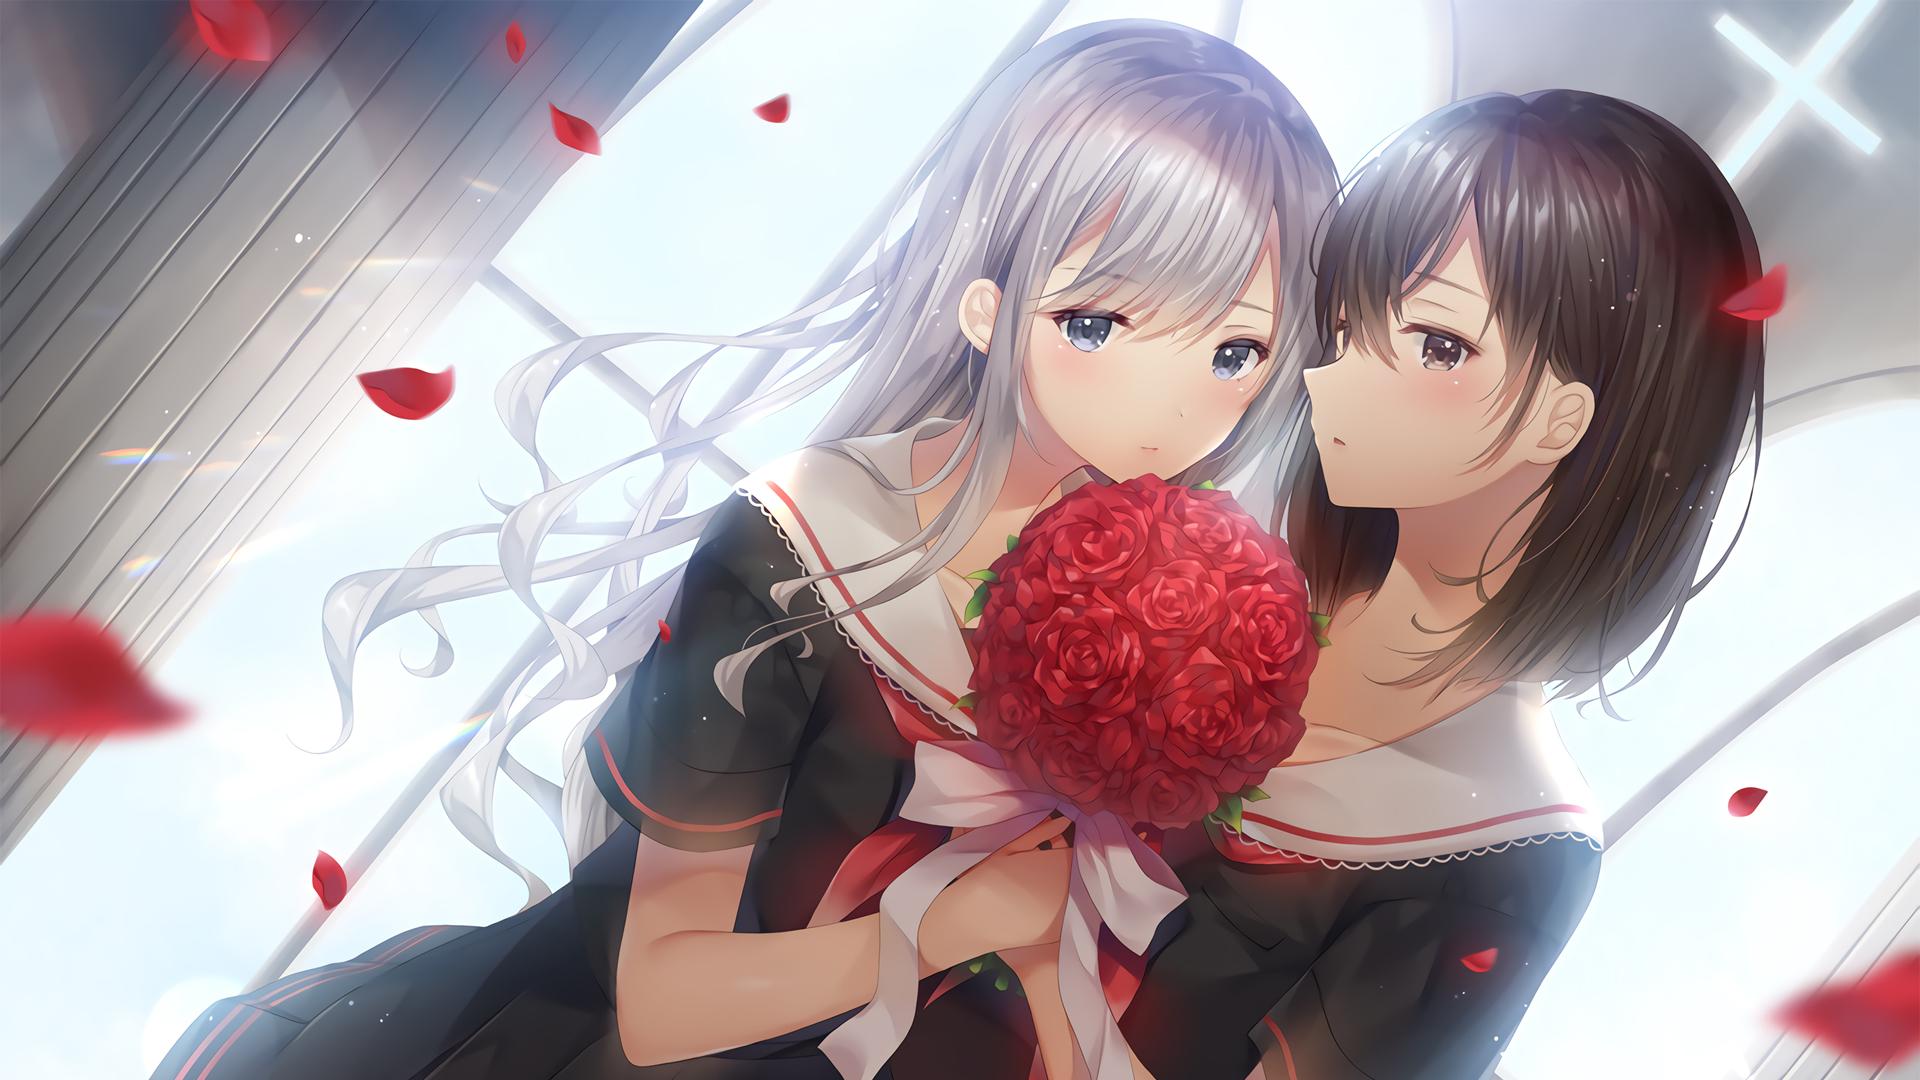 两个女生 百合 唯美好看动漫壁纸